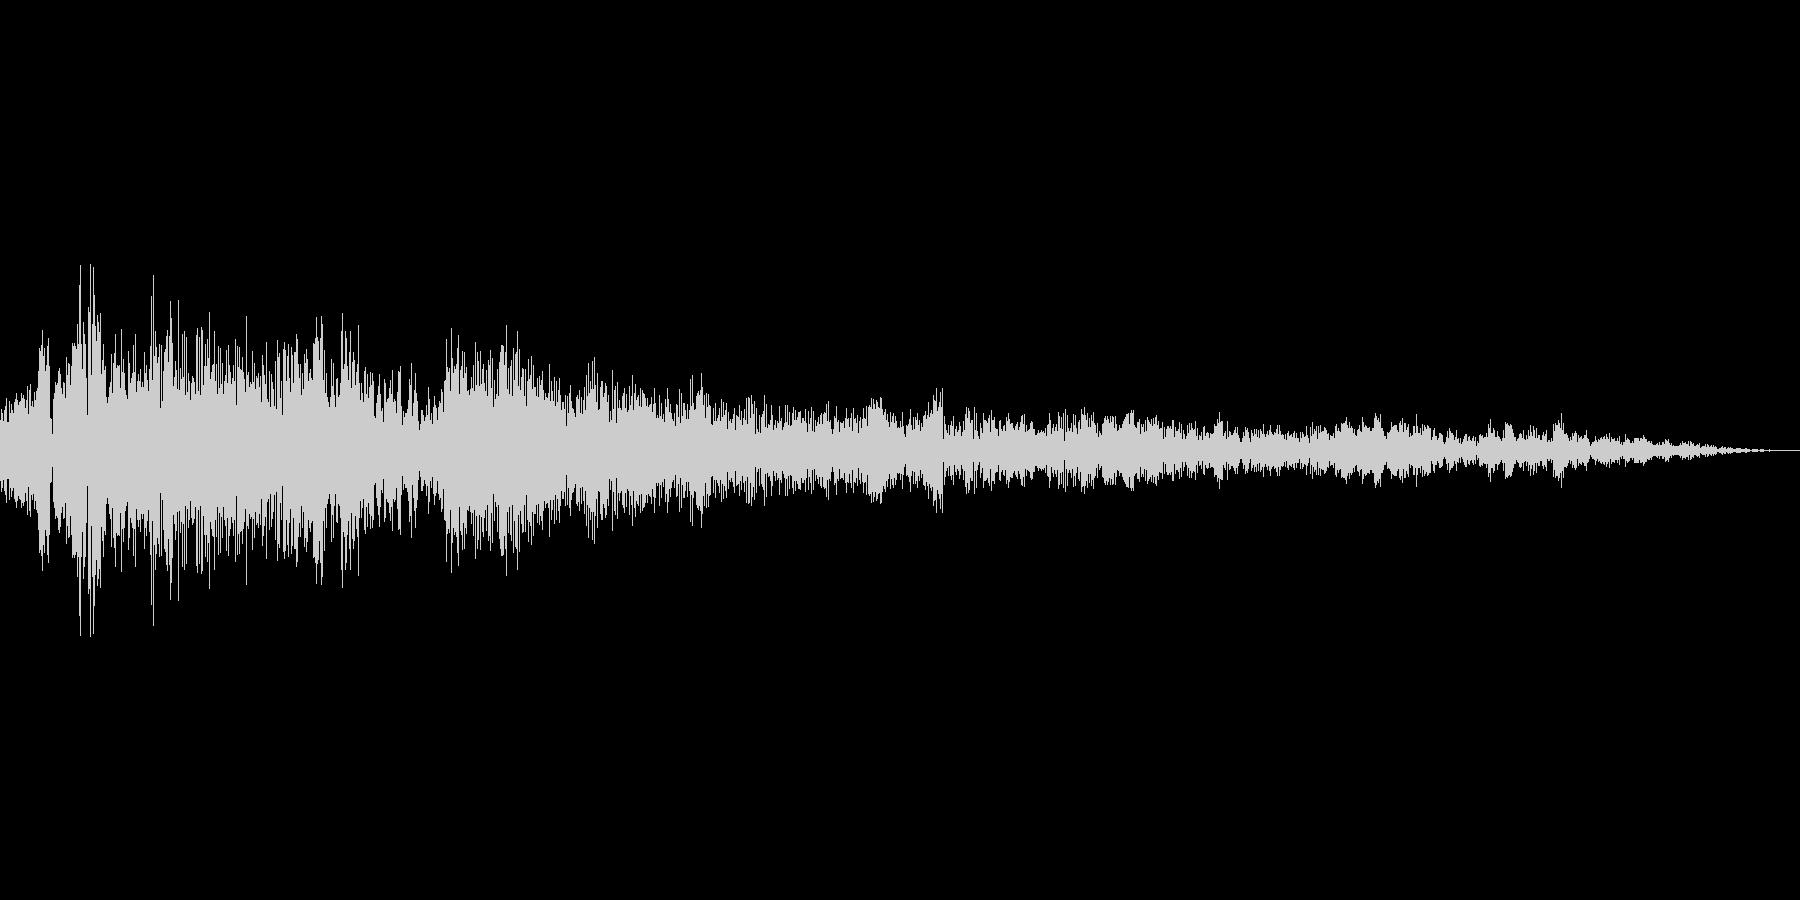 アイテム購入音の未再生の波形